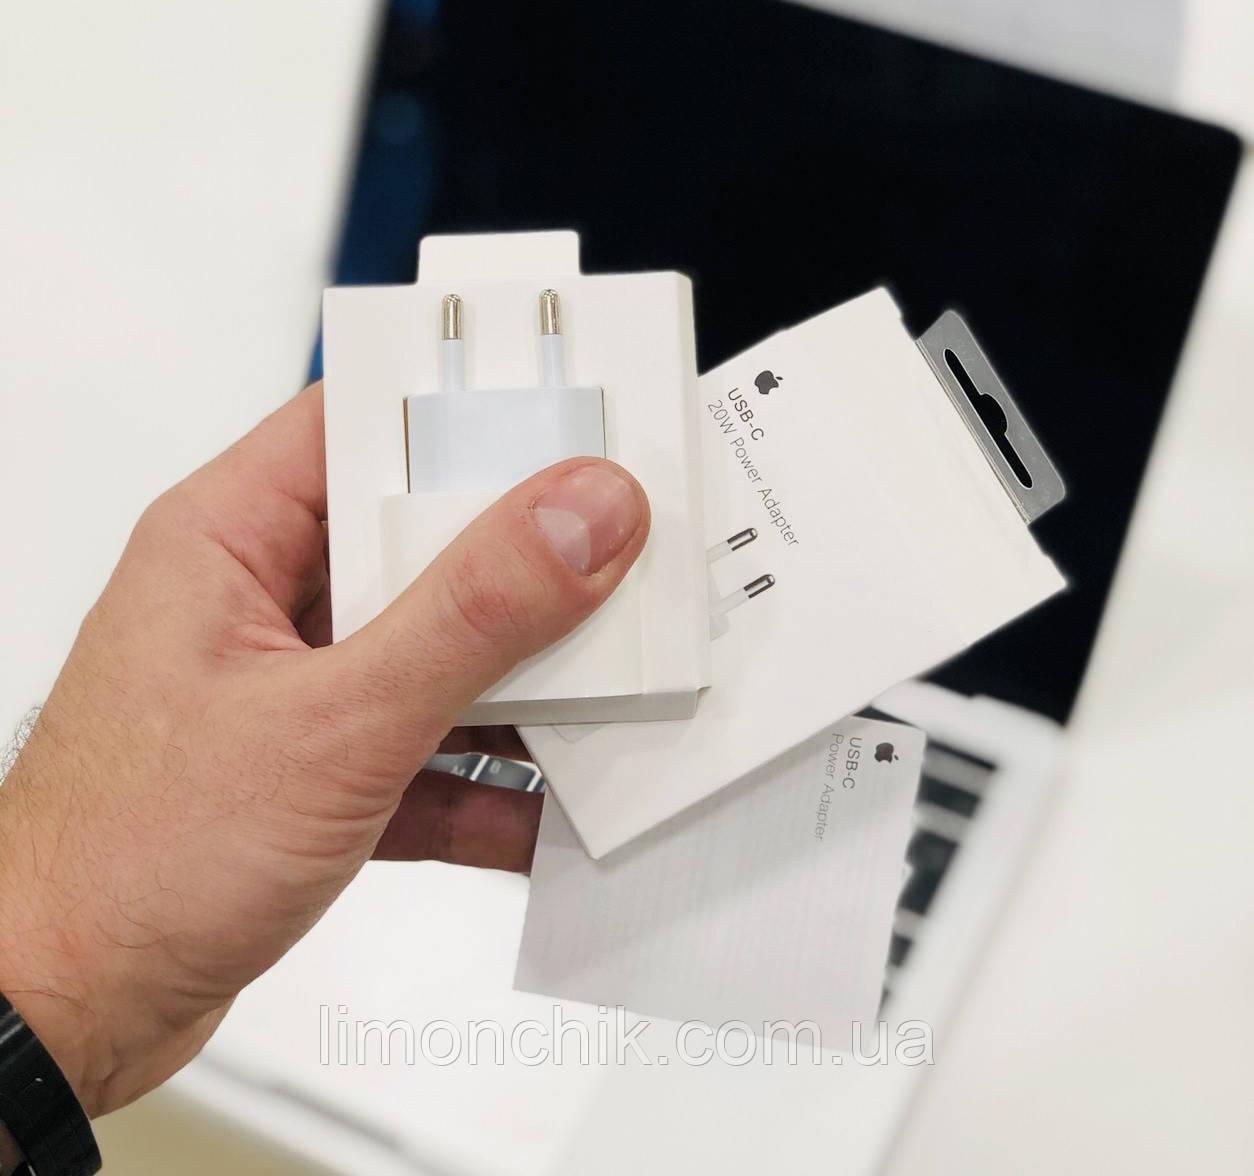 Пристрій зарядний для Apple 20W USB-C Power Adapter A2347 люкс копія, блок живлення білий білий